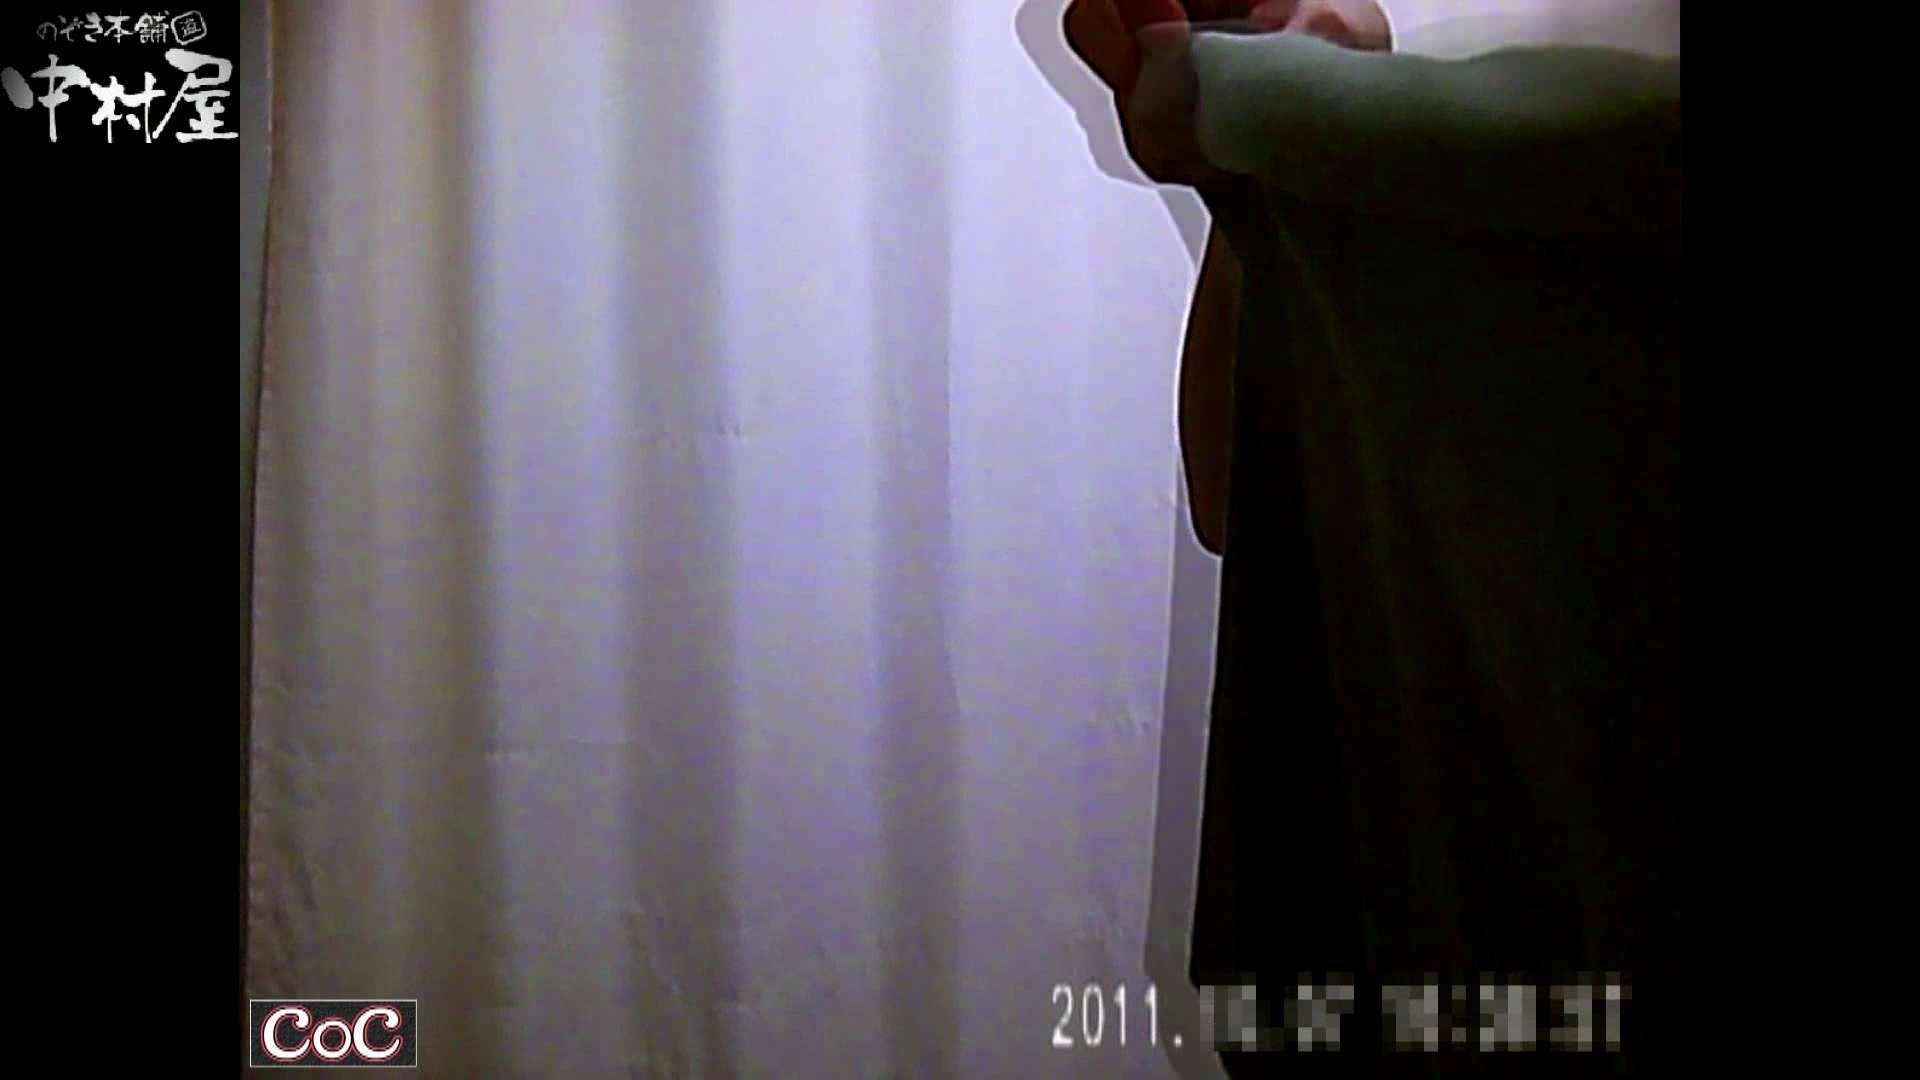 激ヤバ健康診断!着替えの一部始終.vol.53※本編ボカシ・目線無し 盗撮 オマンコ無修正動画無料 51画像 32